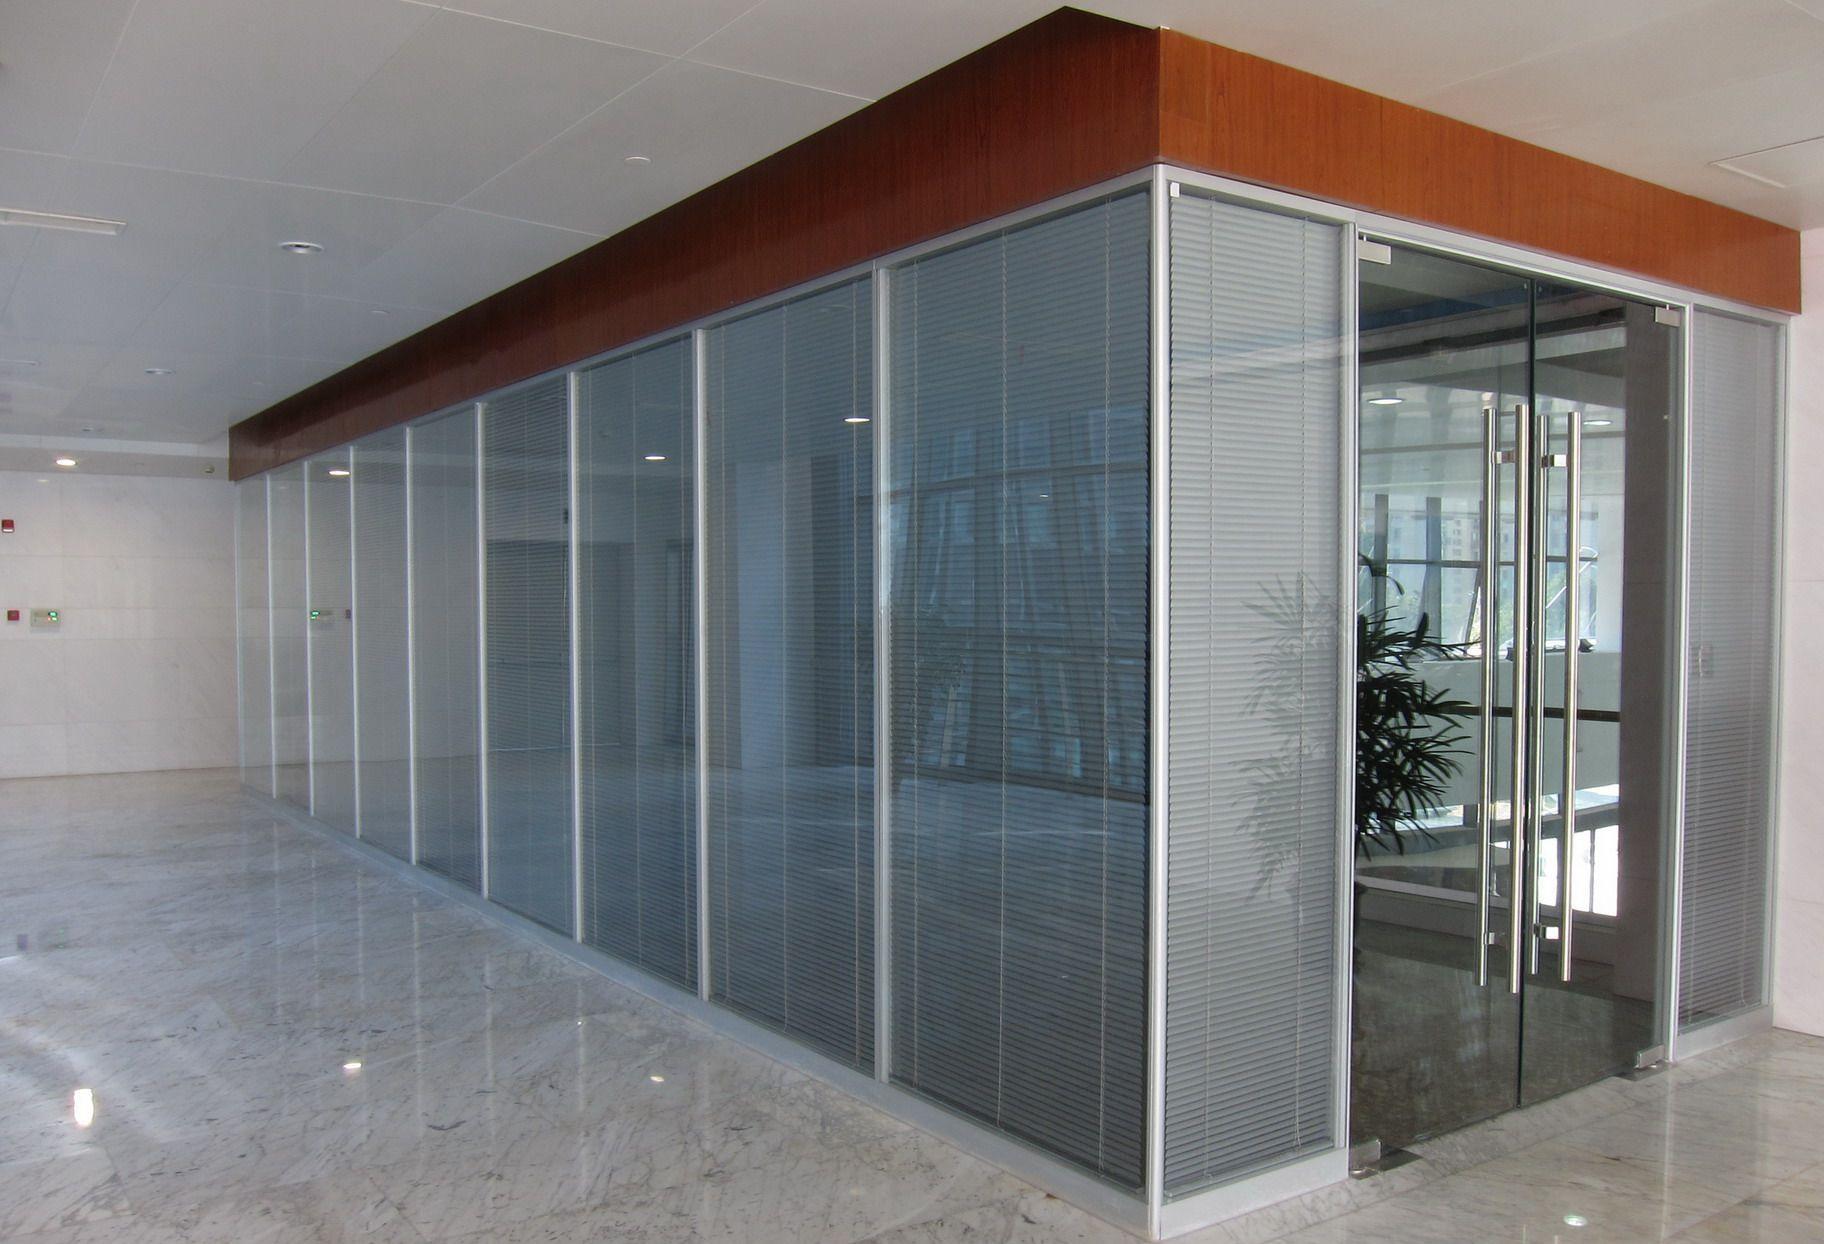 玻璃隔断墙办公室隔墙铝合金隔断钢化玻璃百叶隔断高隔断隔音隔断